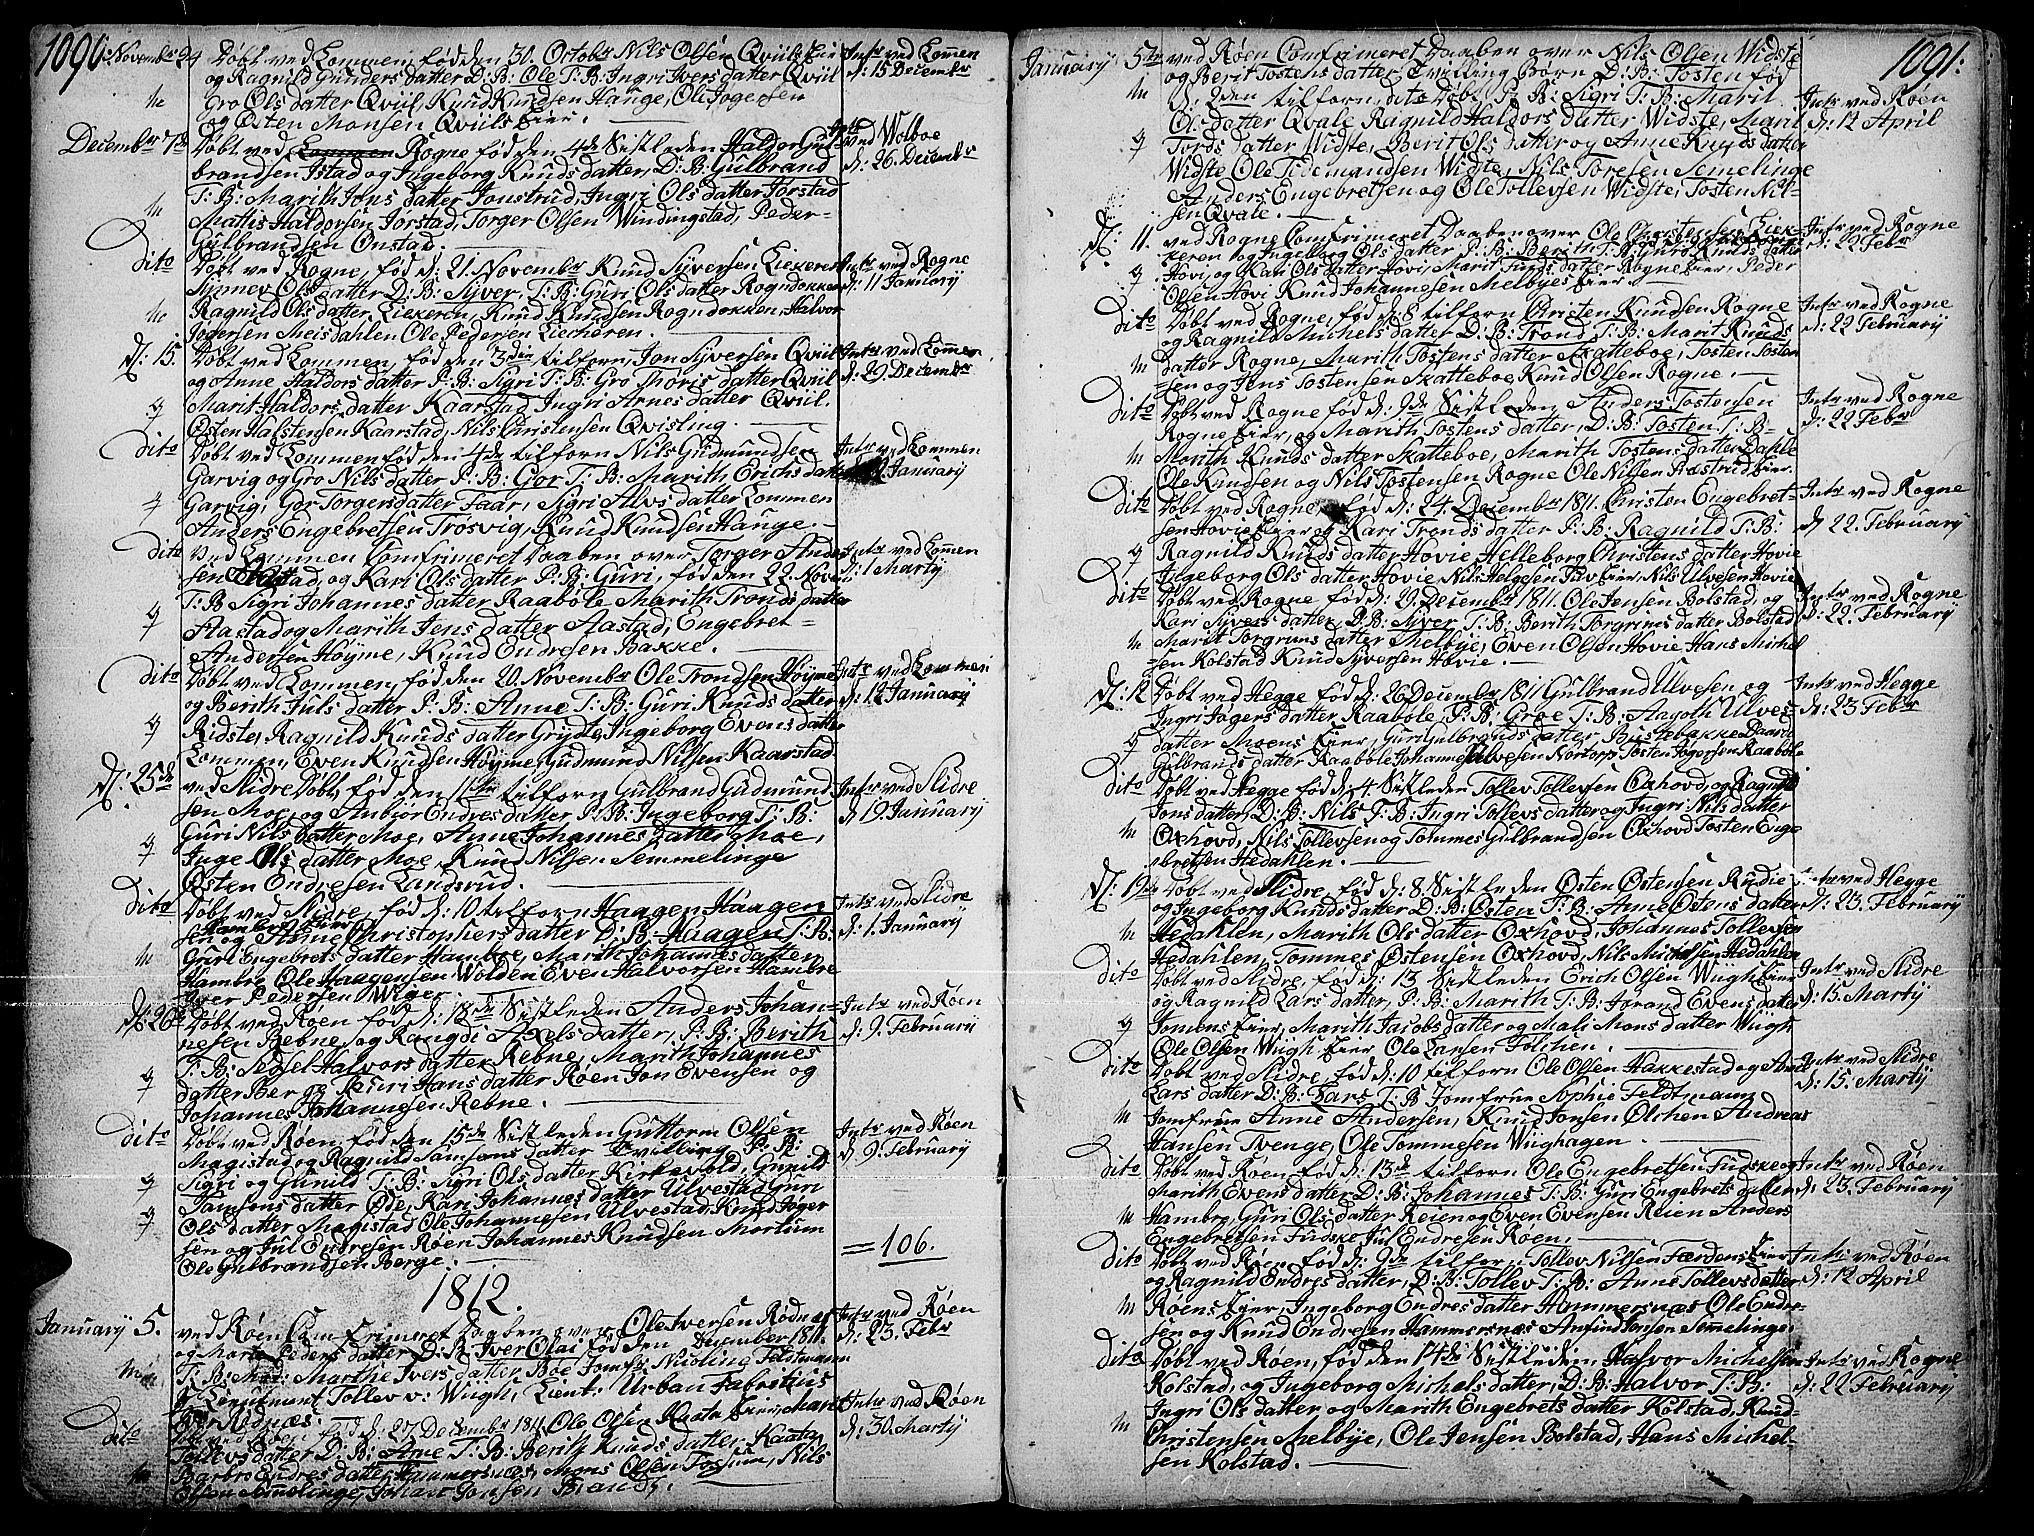 SAH, Slidre prestekontor, Ministerialbok nr. 1, 1724-1814, s. 1090-1091